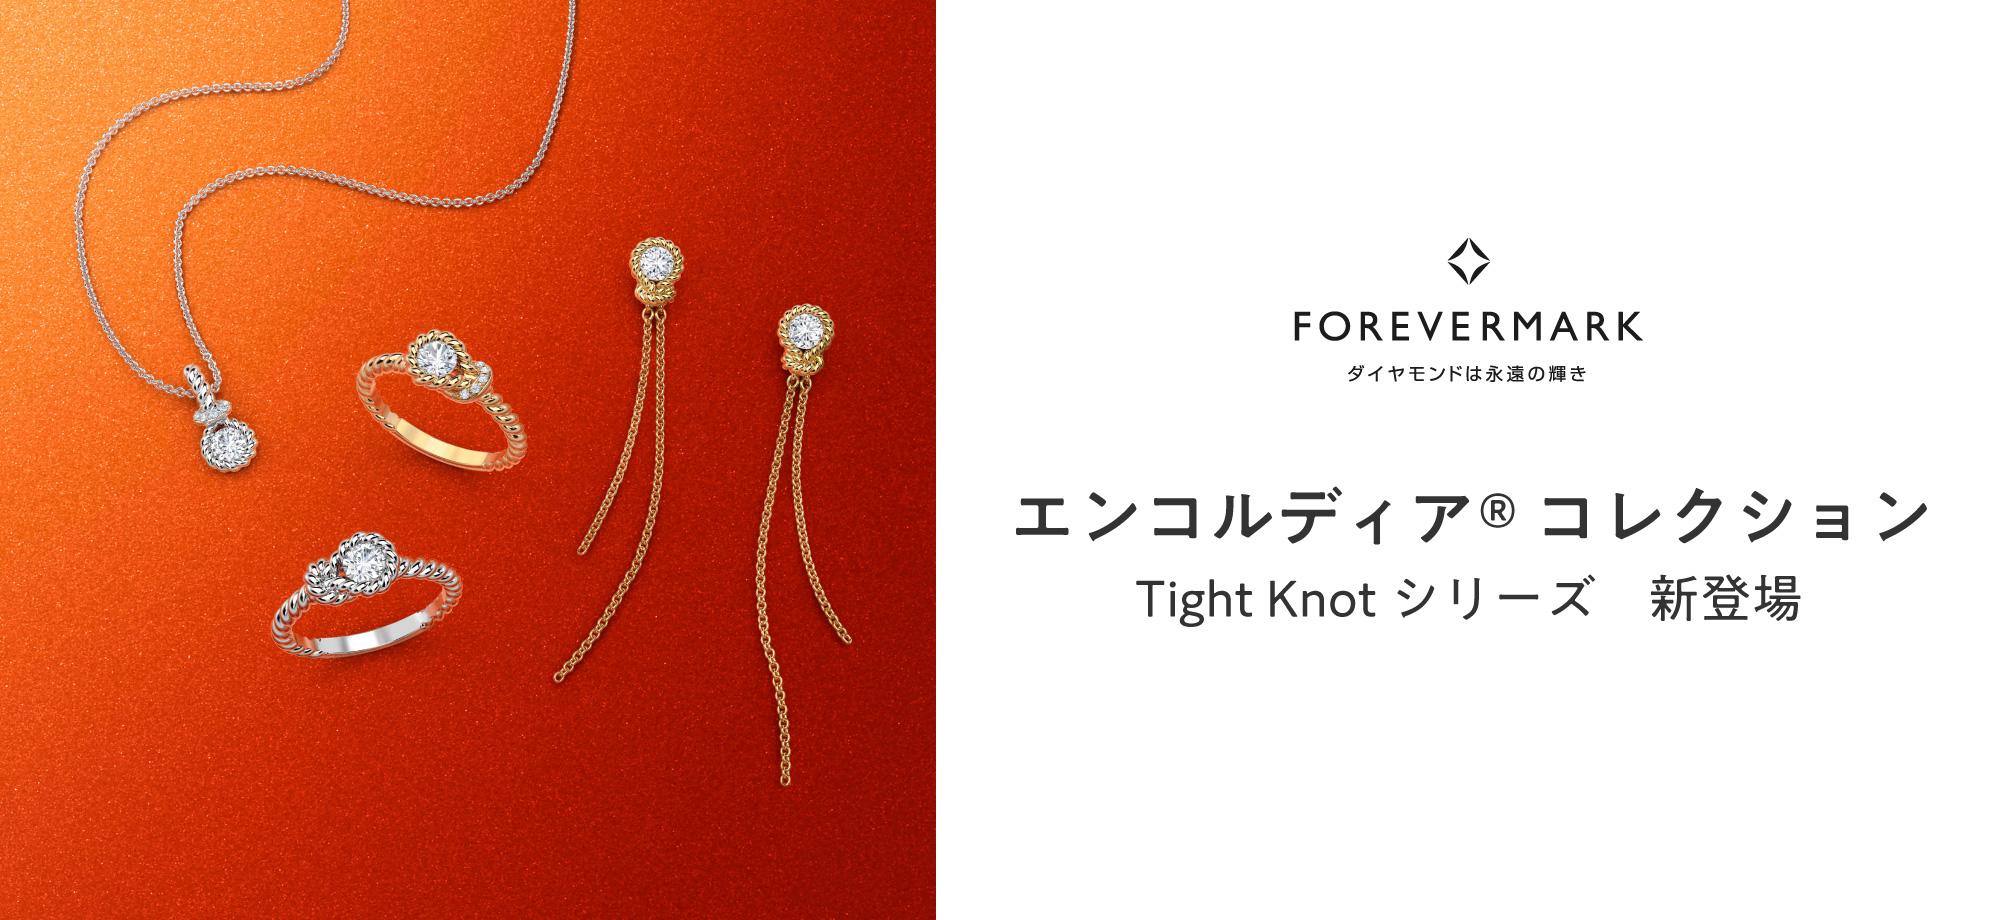 エンコルディア® コレクション Tight Knot シリーズ 新登場